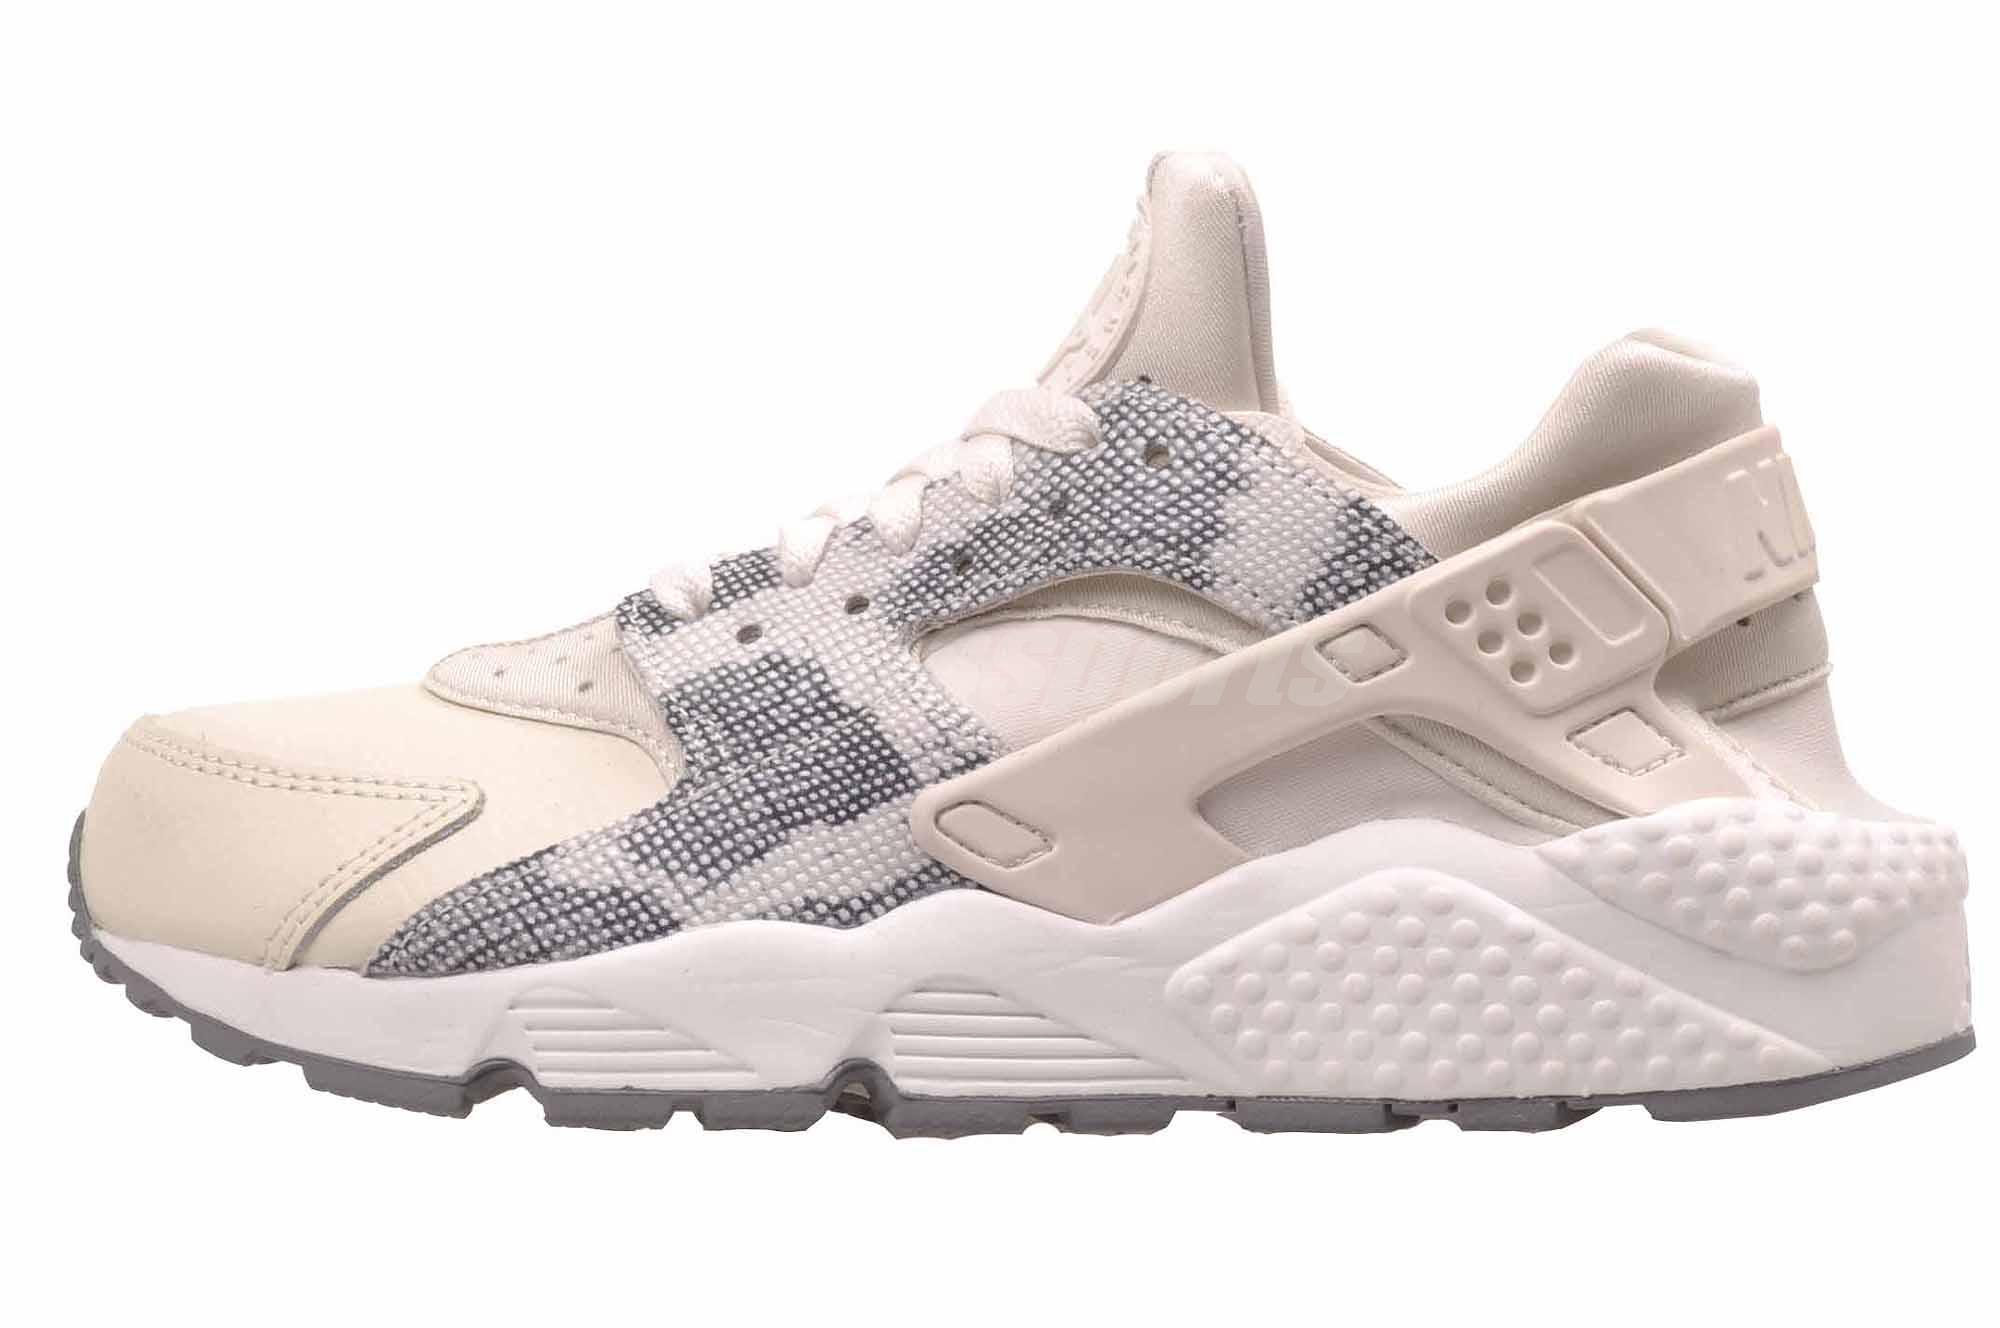 73479456d89e Nike Wmns Air Huarache Run PRM Running Womens Shoes Phantom 683818 ...